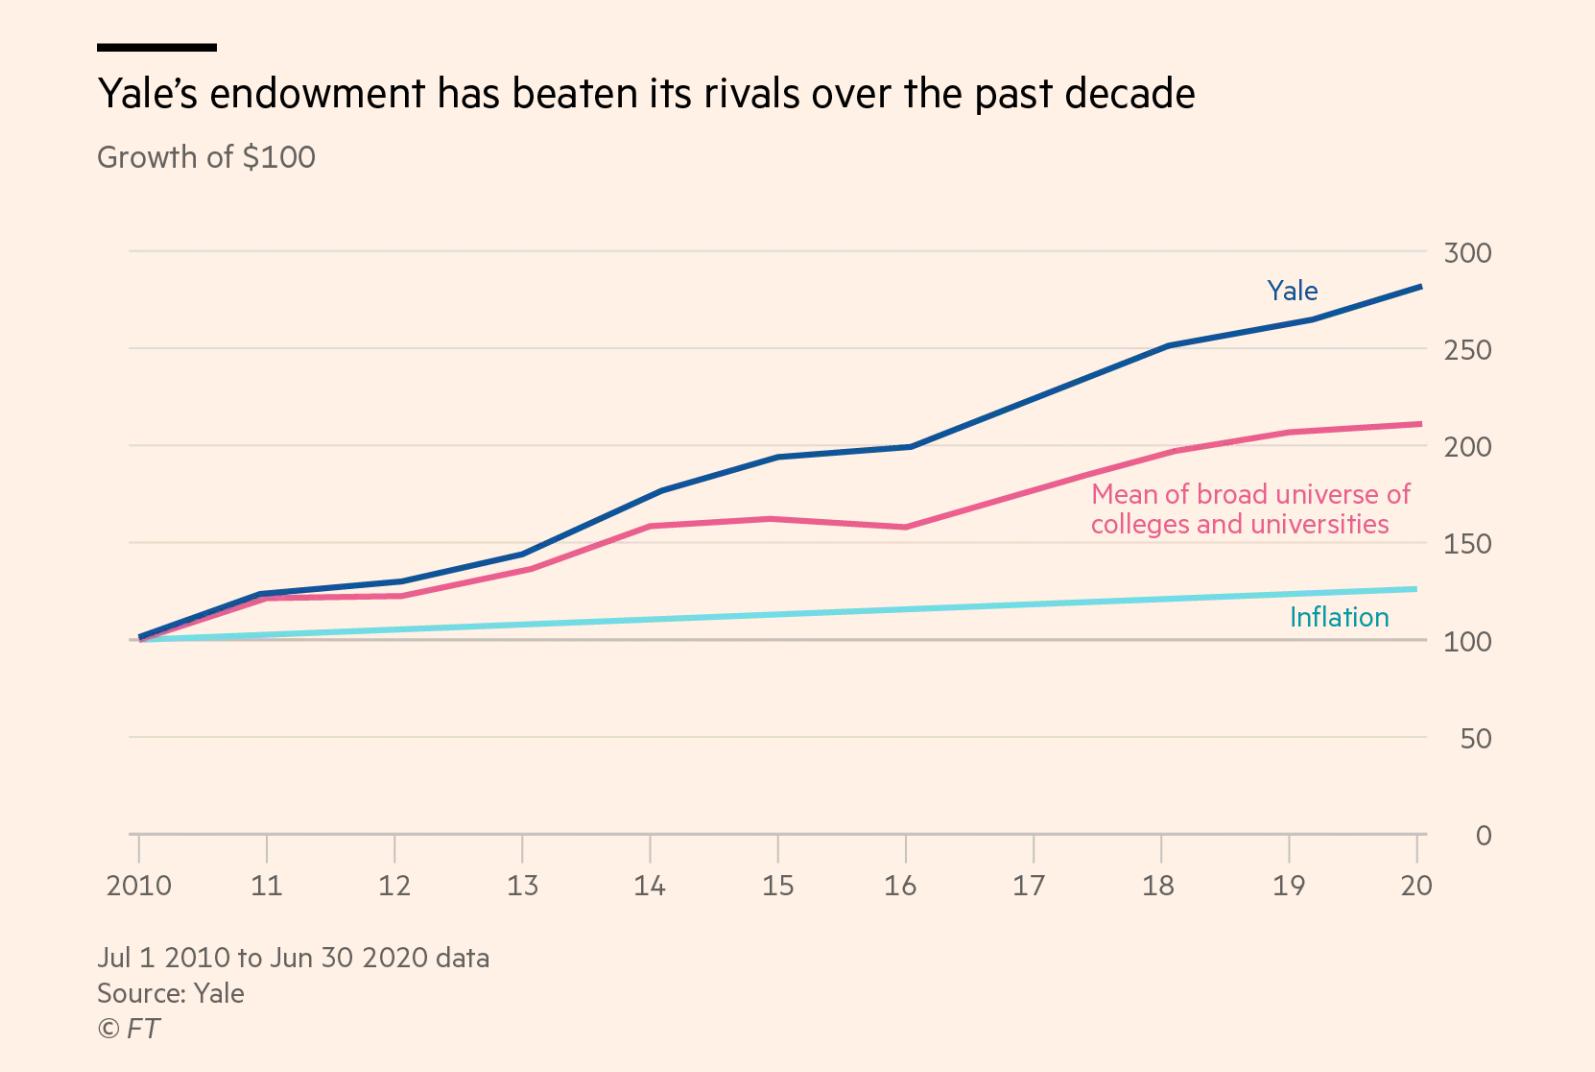 [炒股公司]大宗商品价格下行趋势将被逆转  国际外盘期货  第2张